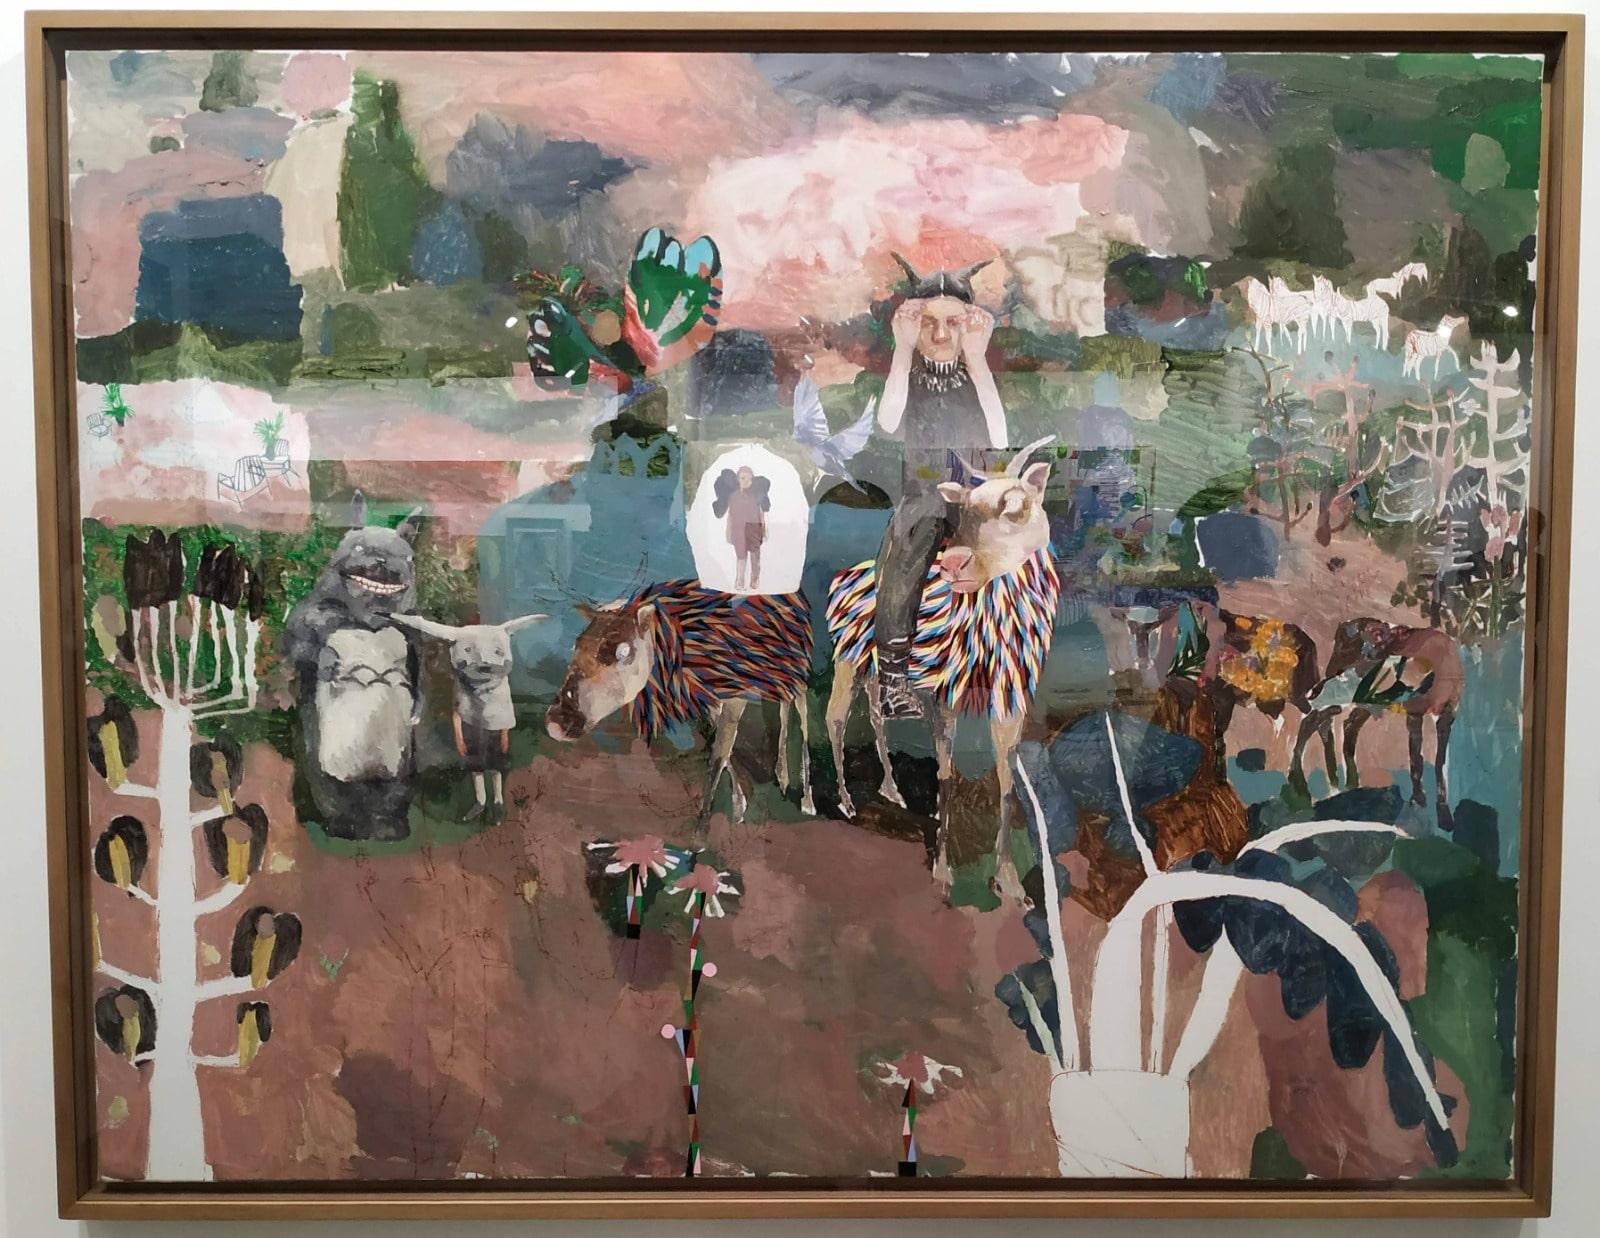 Travesía en el bosque de Nolde Miroco - Mónica Subidé - Galería Contrast